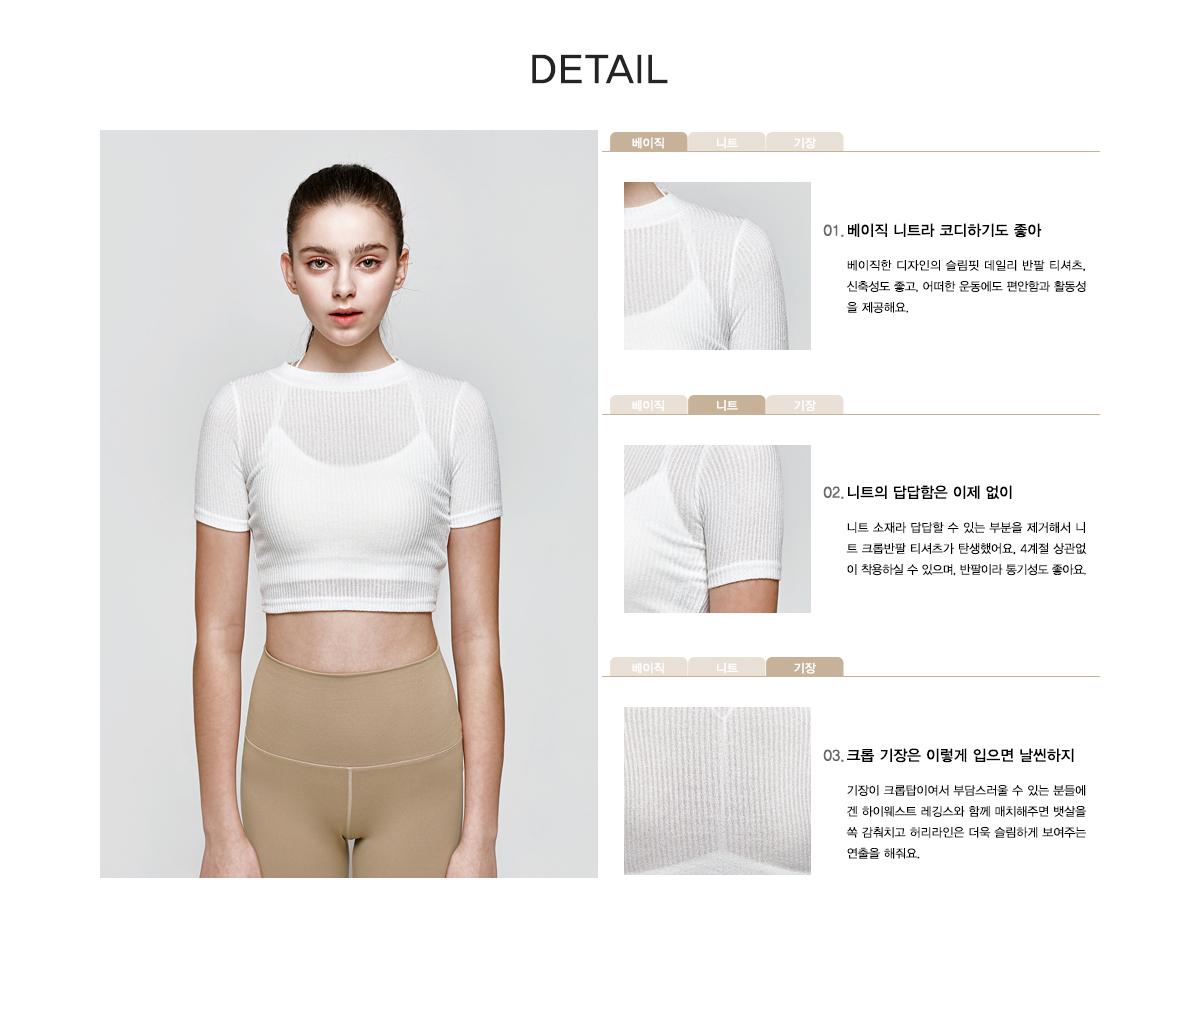 데비웨어(DEVIWEAR) 여성 요가복 DEVI-T0009-화이트 필라테스 티셔츠 반팔 크롭티